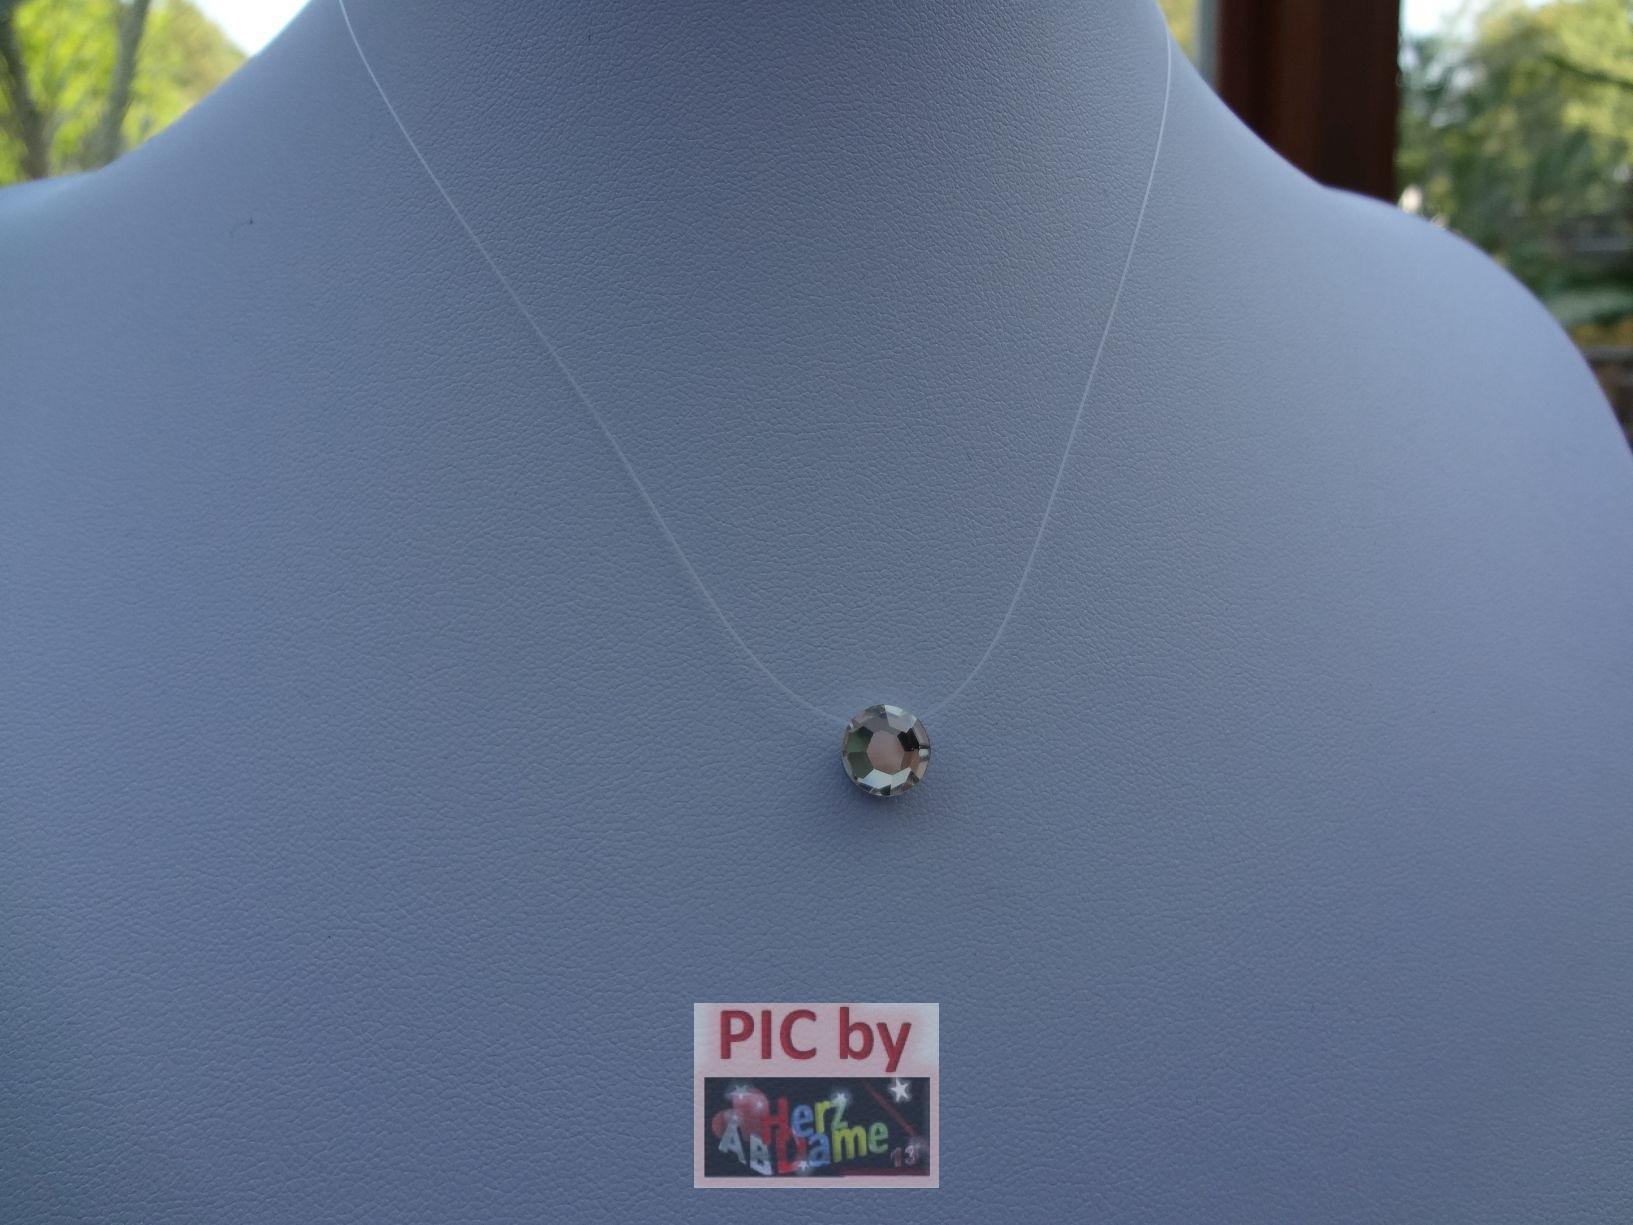 aba7 unsichtbare halskette nylonband kette schwebend strass stein klar flach ebay. Black Bedroom Furniture Sets. Home Design Ideas